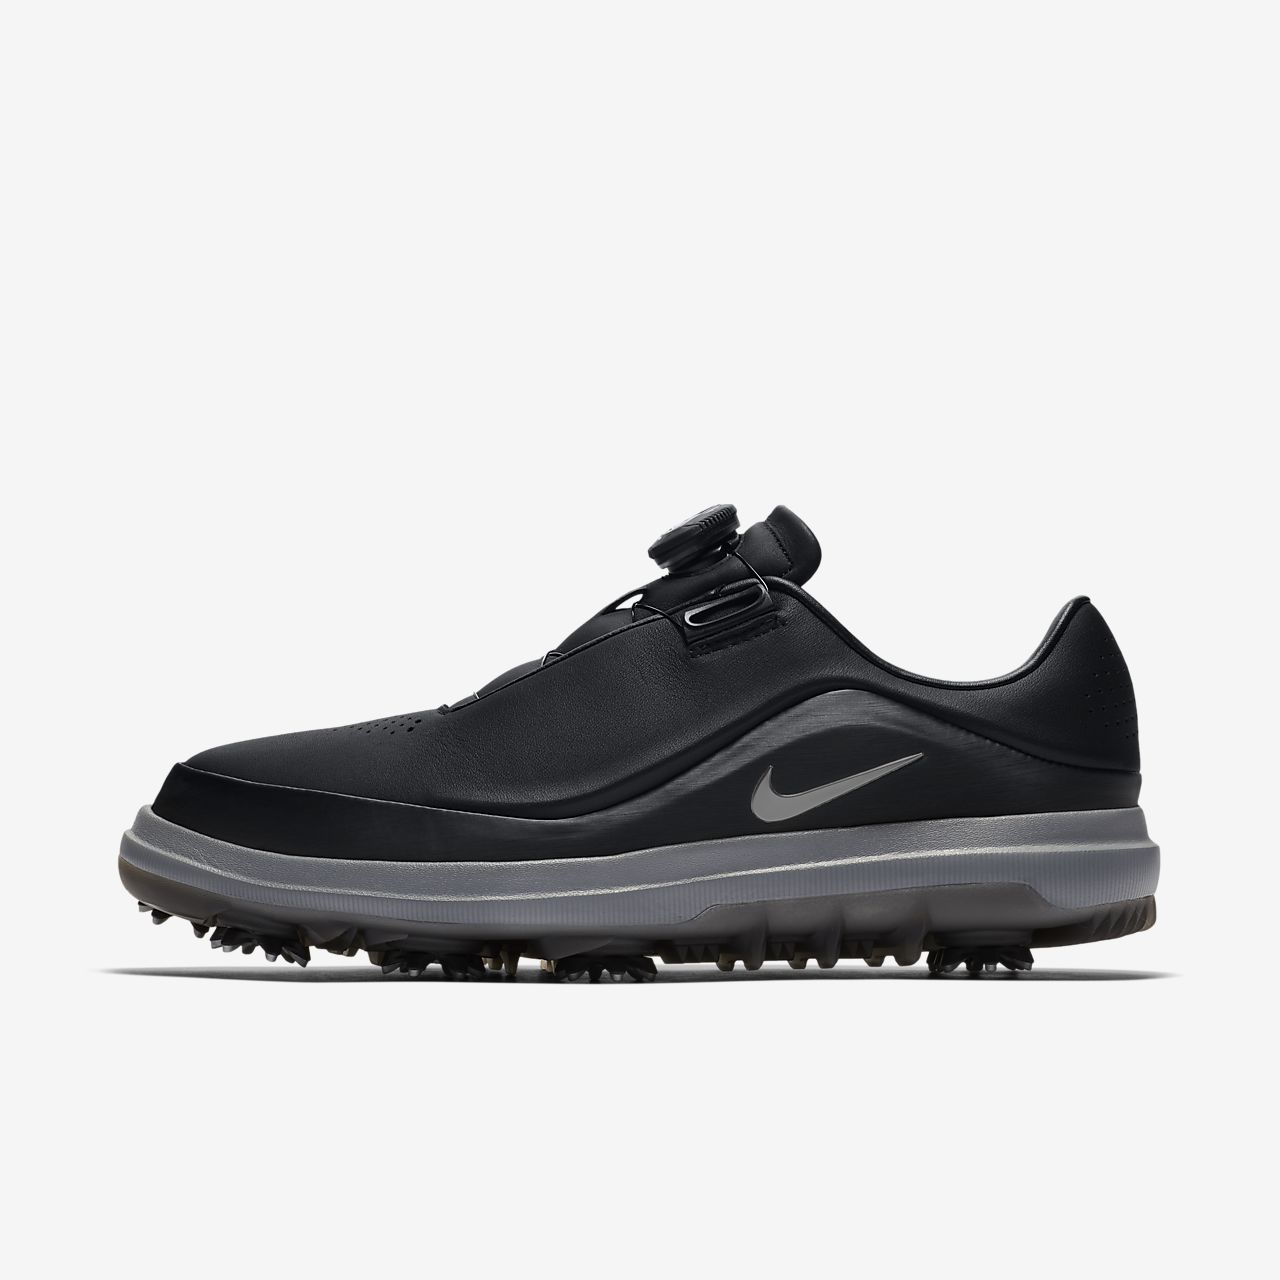 Sapatilhas de golfe Nike Air Zoom Precision BOA ® para homem. Nike ... 86be63d7be6